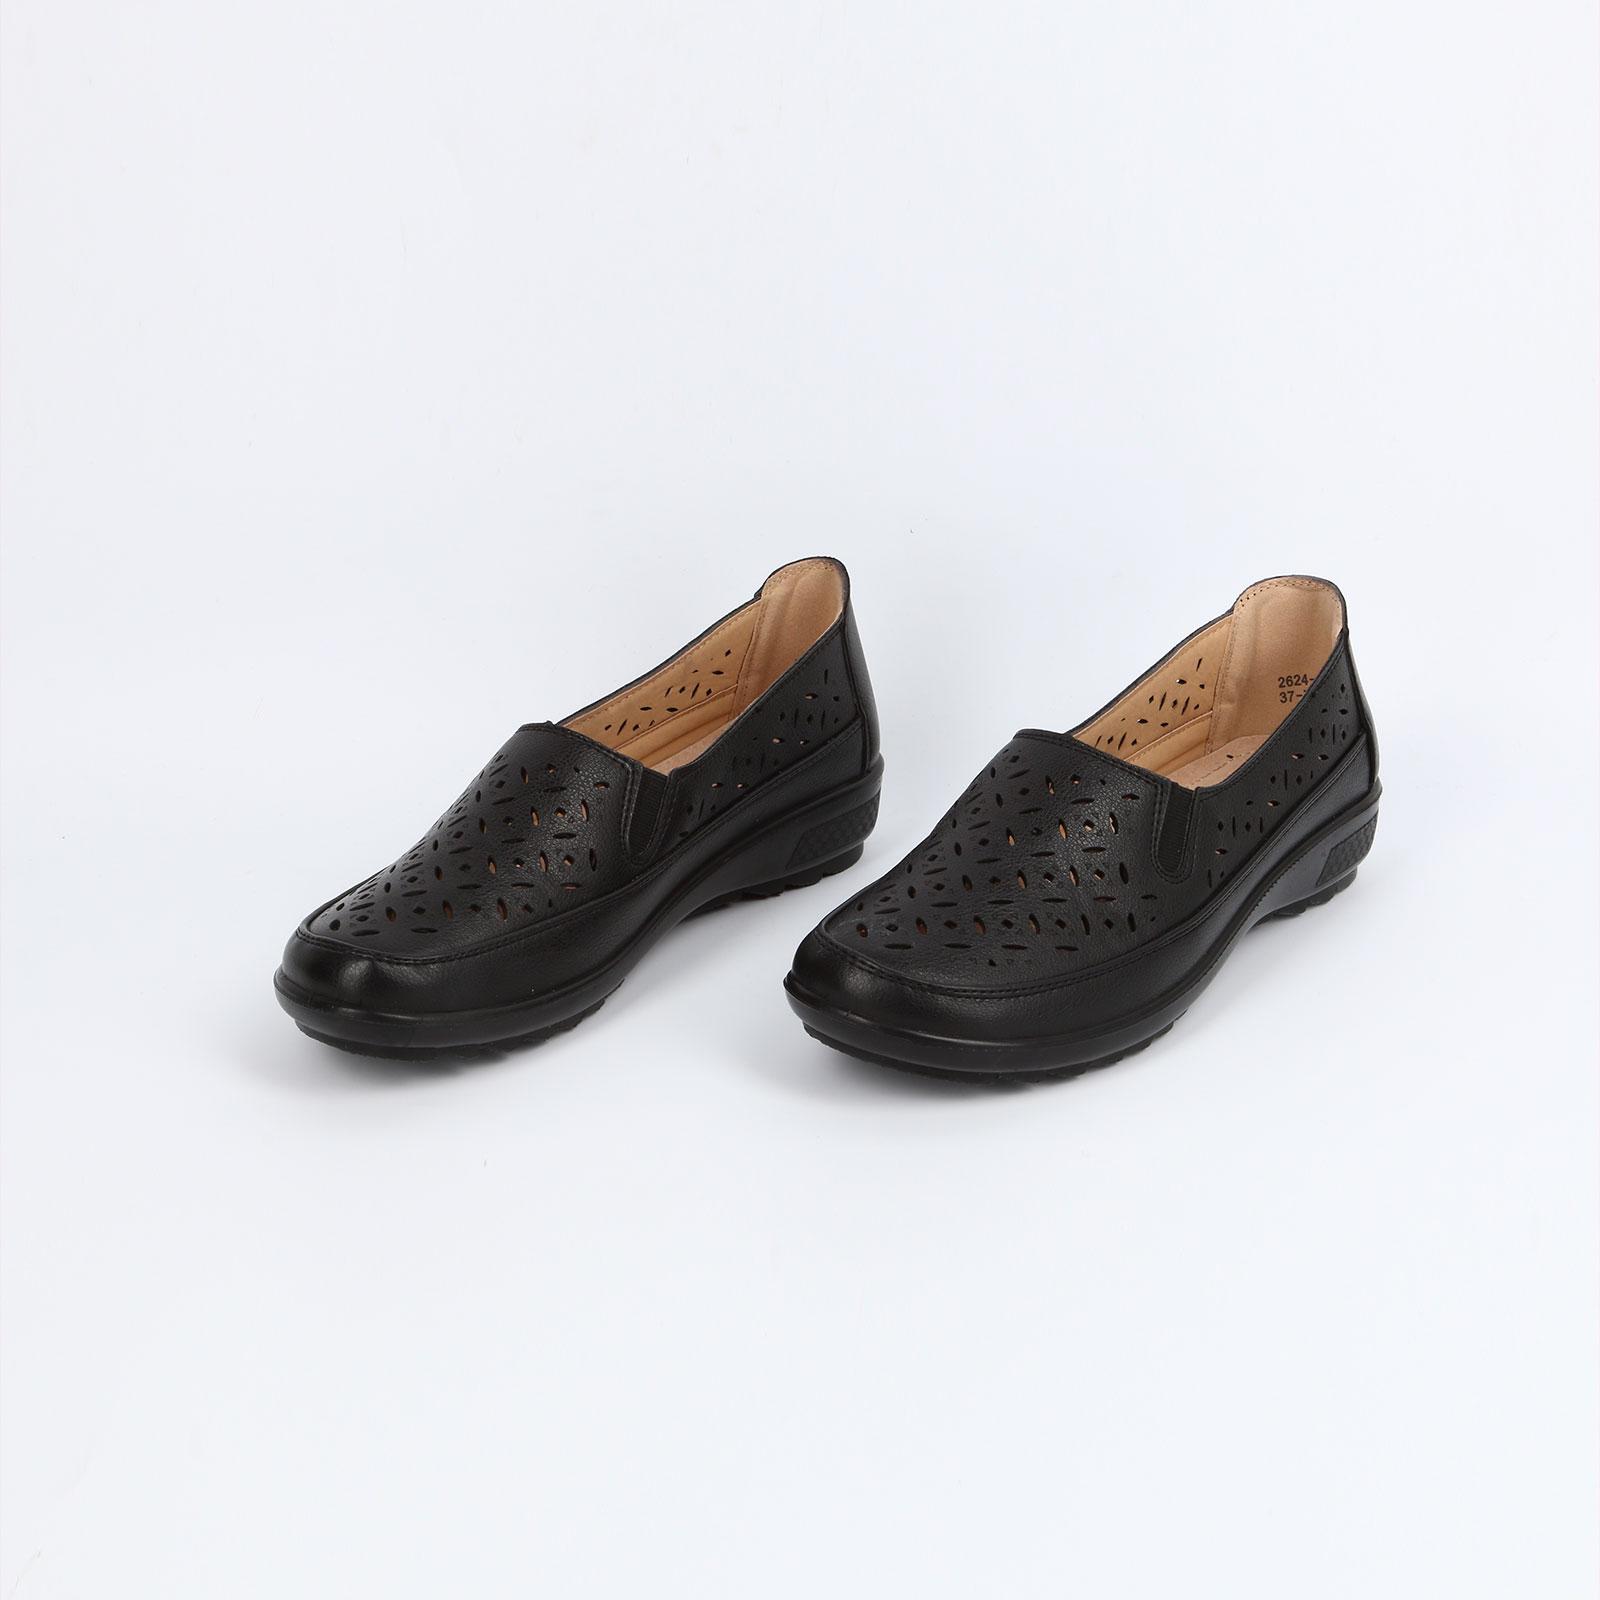 Туфли женские на утолщенной подошве